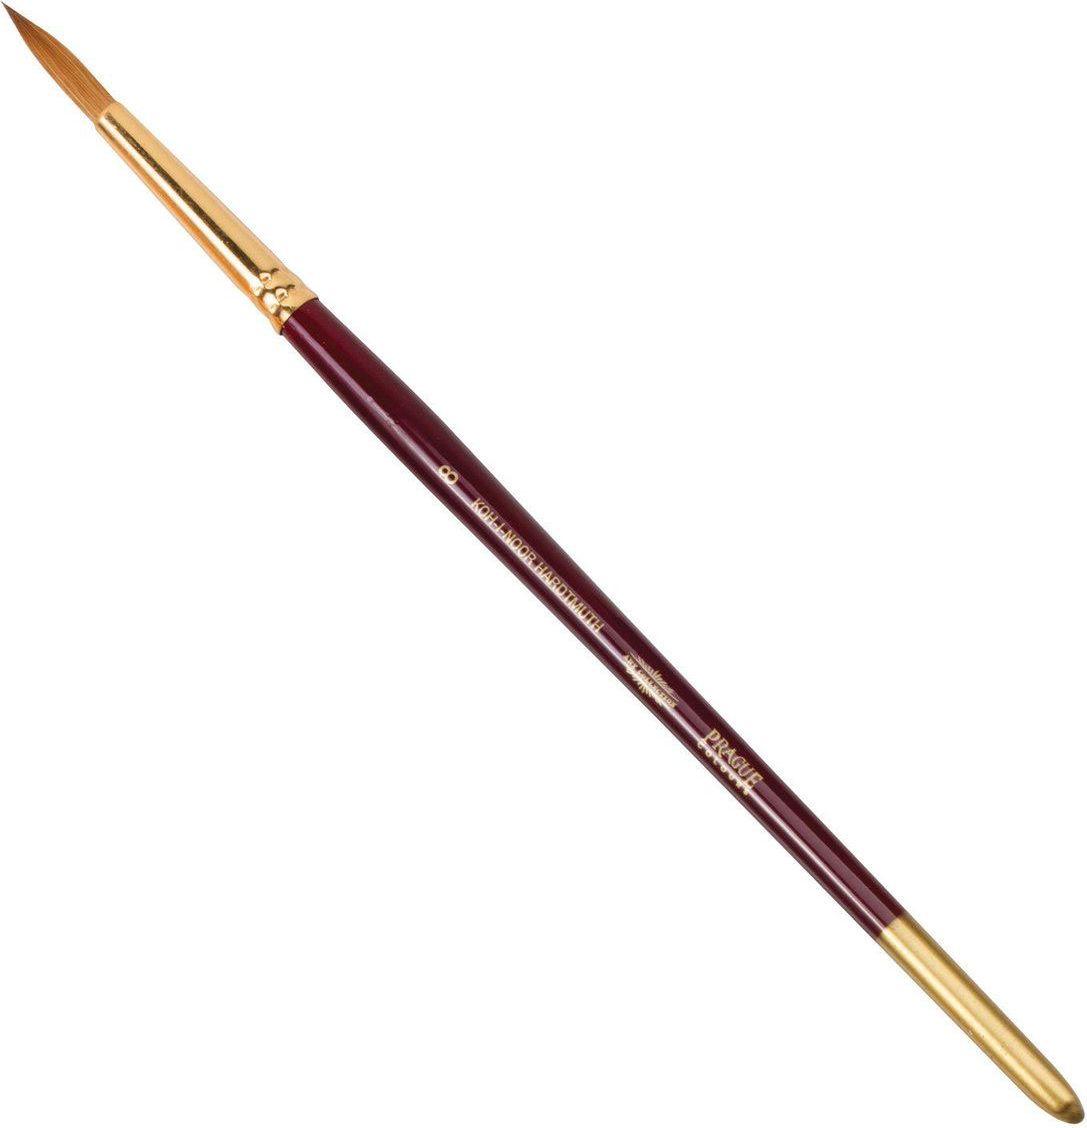 Koh-I-Noor Кисть колонок круглая №8 короткая ручка200396Высококачественная кисть из натурального волоса колонка. Волос прекрасно сохраняет форму, не ломается, впитывает влагу и хорошо моется под проточной струей воды. Подходит для акварели и индийских красок.